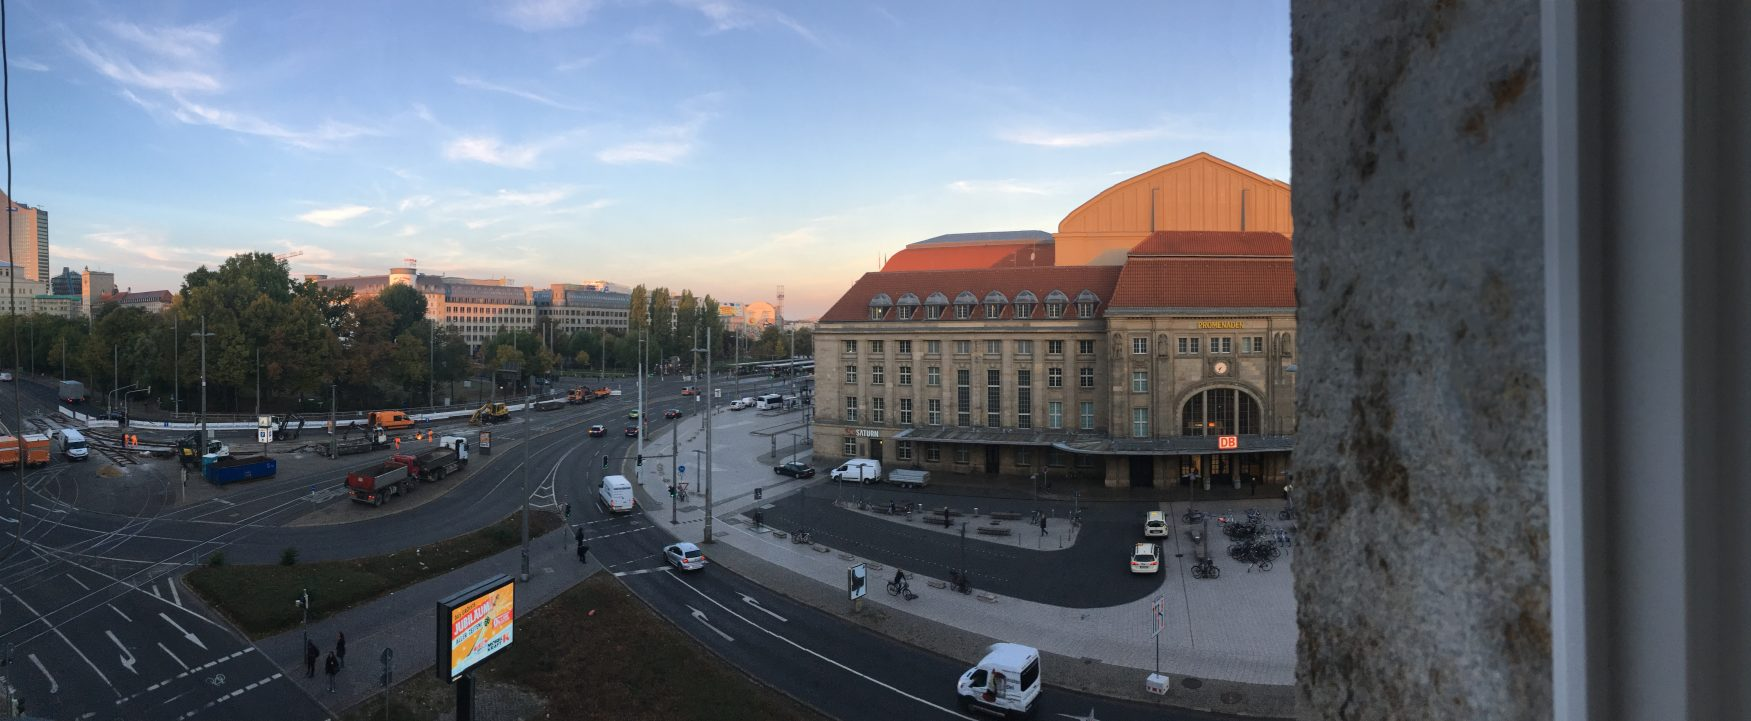 Mitten in der City von Leipzig, beste Verkehrsanbindung, gegenüber der Leipziger Hauptbahnhof, Foto: Weirauch